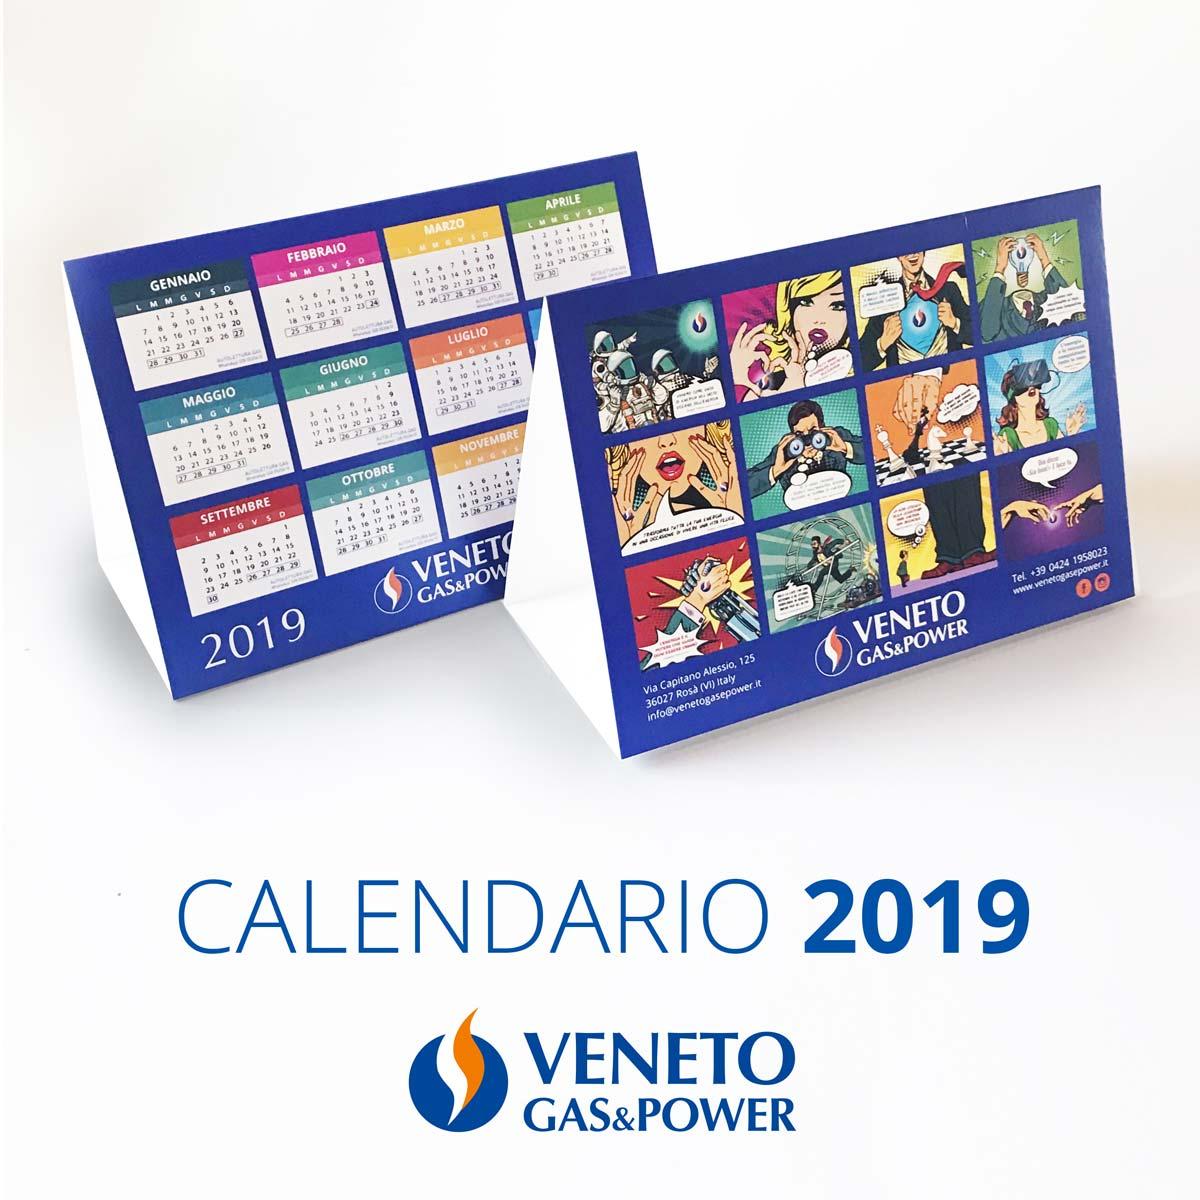 Calendario Veneto.Ritira In Nuovo Calendario 2019 Veneto Gas Power